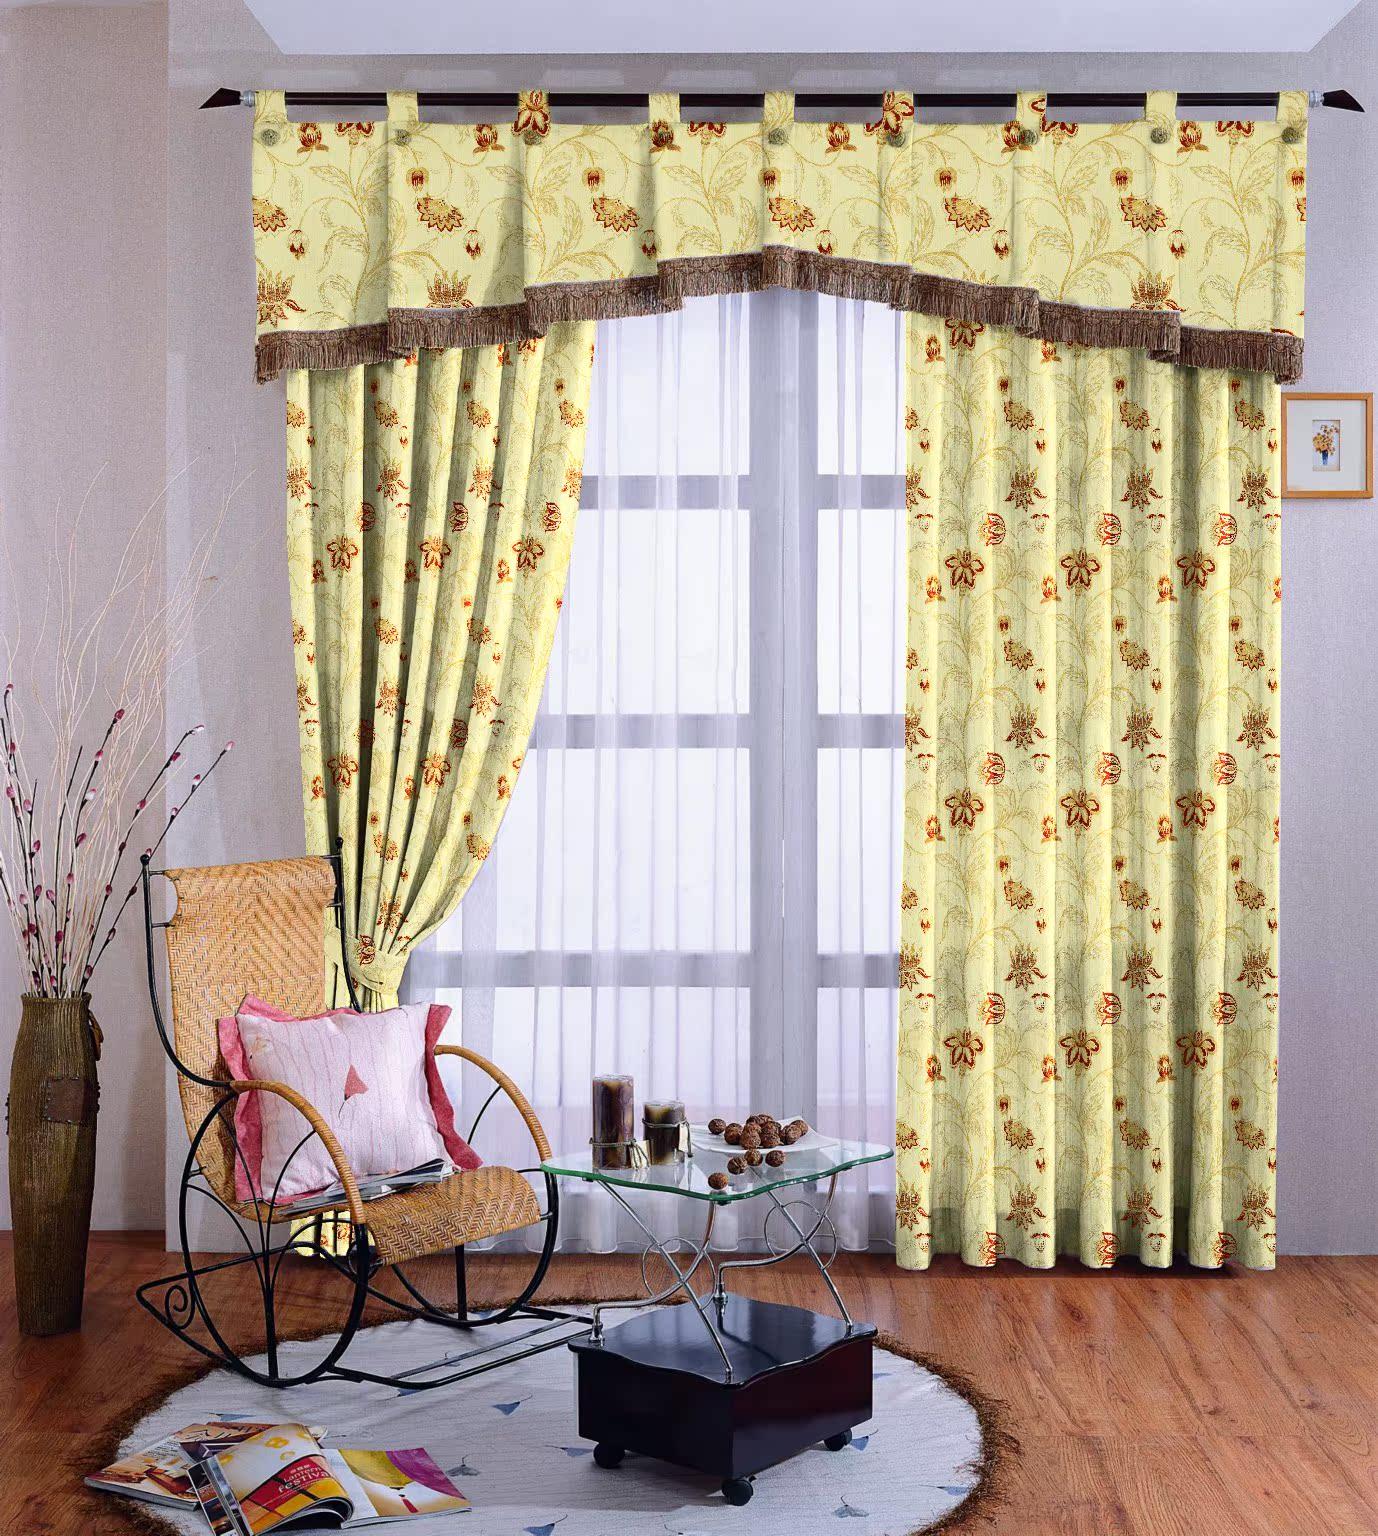 特价清仓 高档客厅卧室定做金丝花朵成品窗帘 浅黄色叶子遮光图片